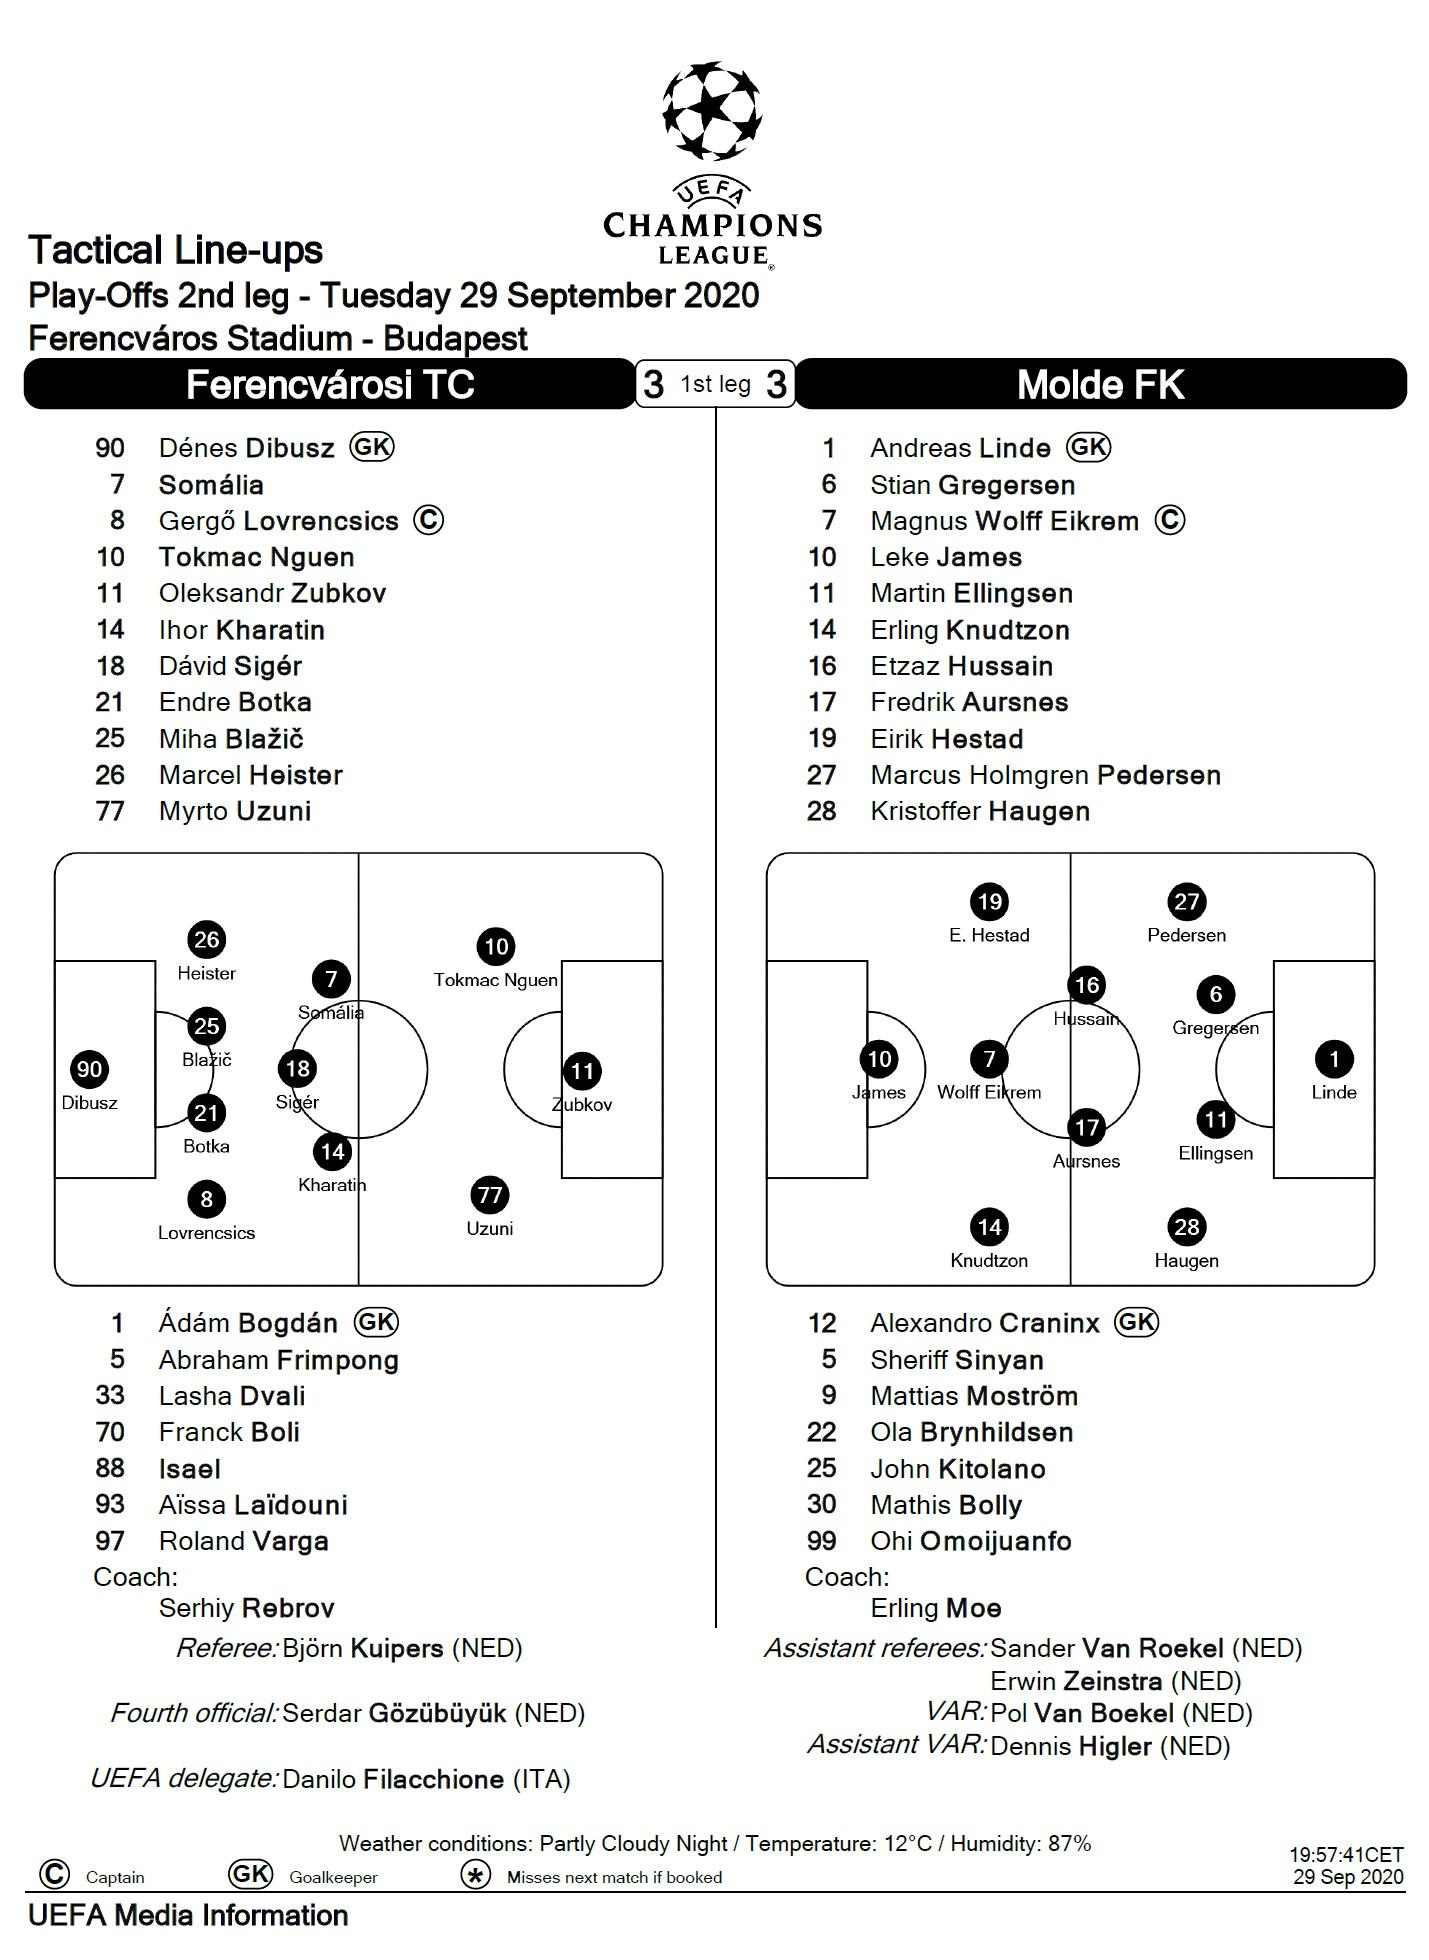 Ференцварош (Венгрия) - Мольде (Норвегия) 0:0